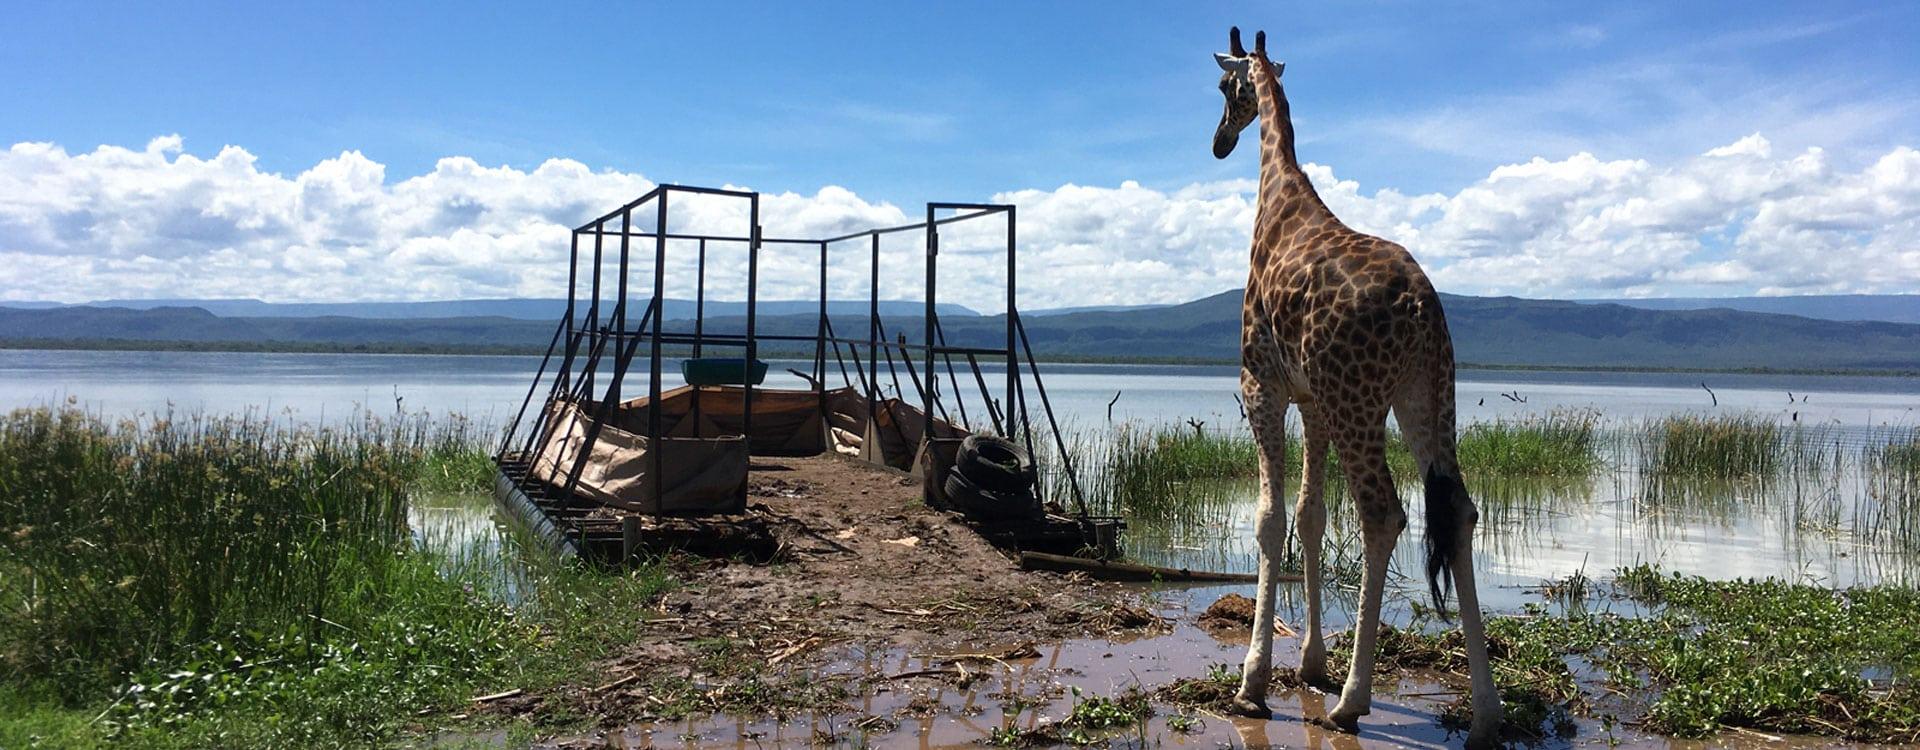 ruko-giraffe-barge